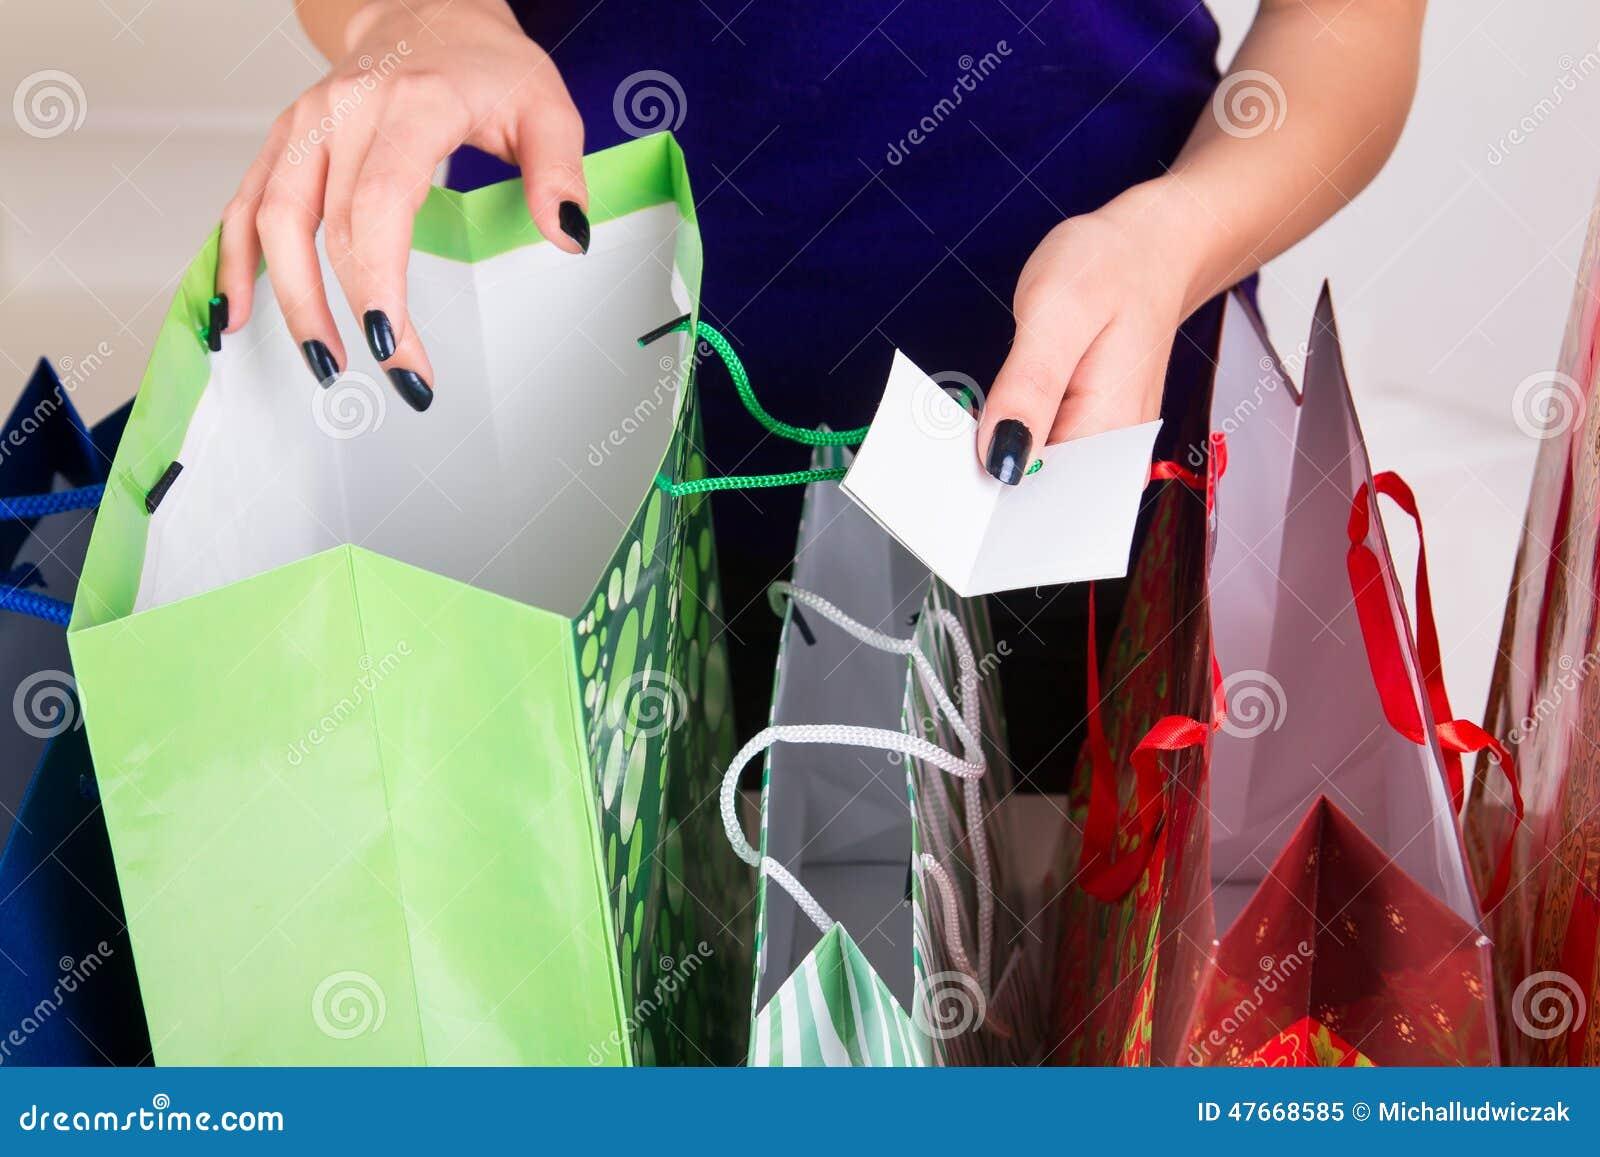 Gift Bags for Christmas - gift-bags-christmas-studio-shoot-47668585